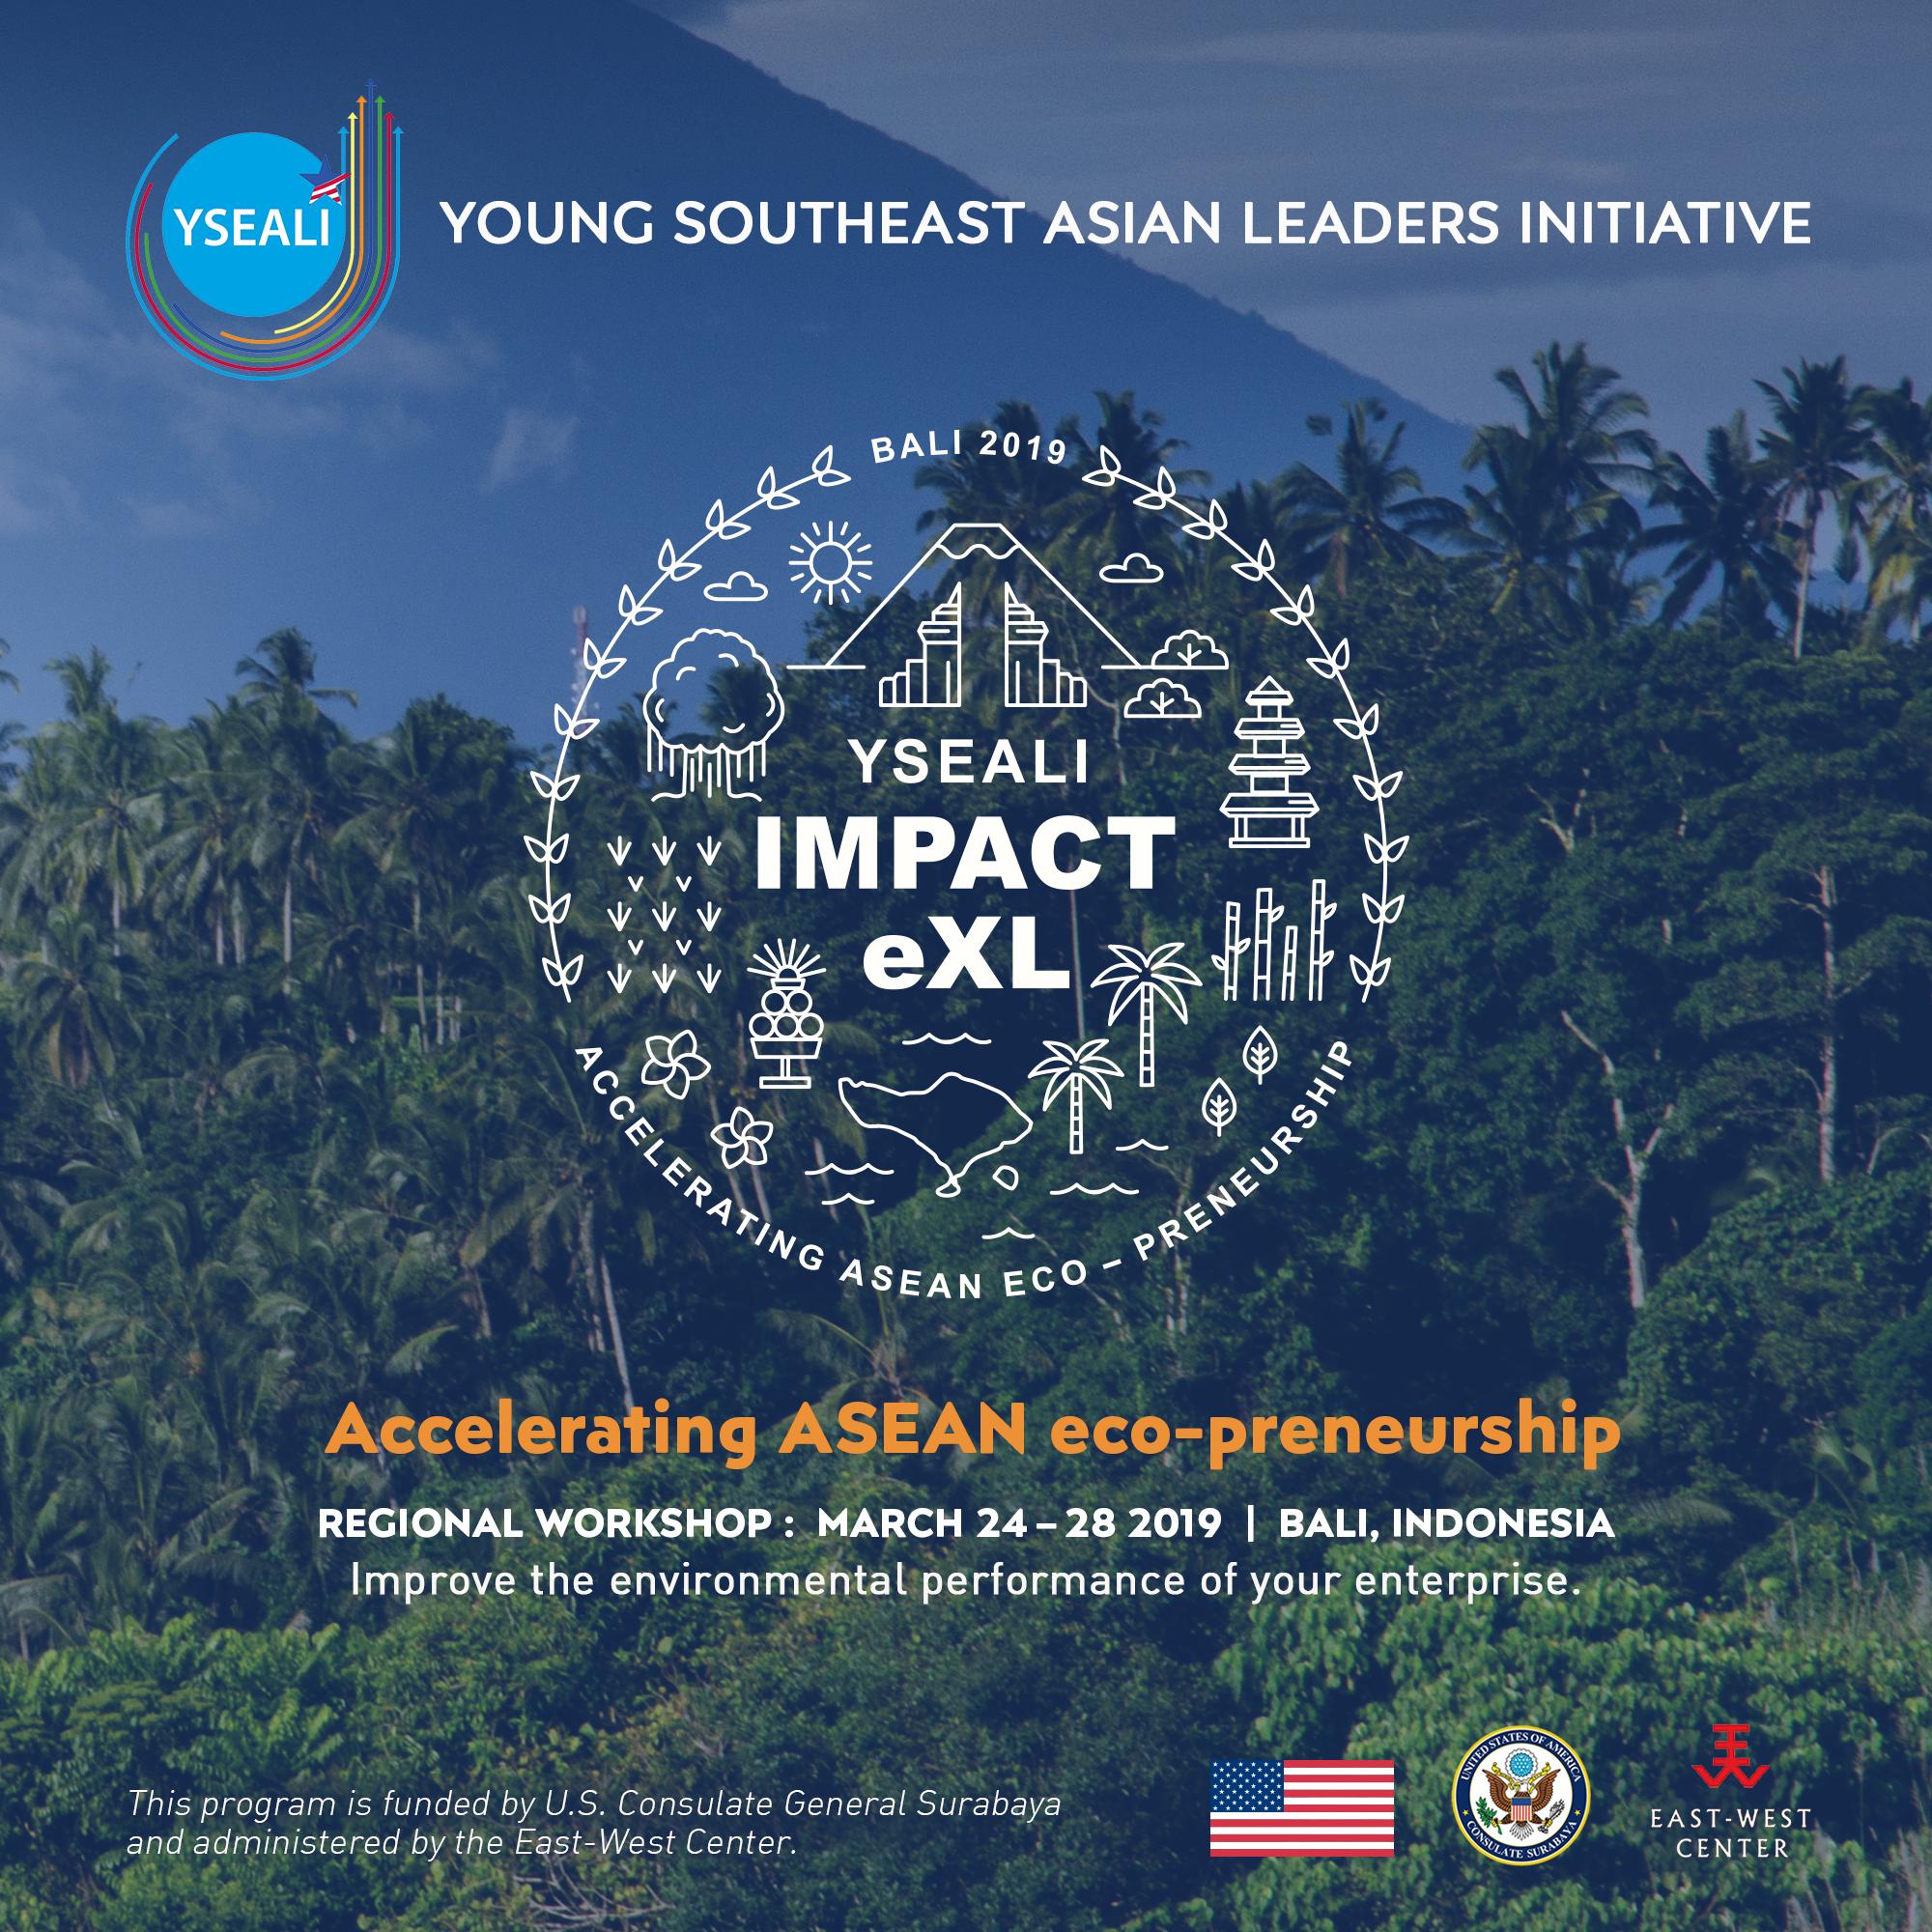 2019_YSEALI Impact eXL_Main Flyer.png